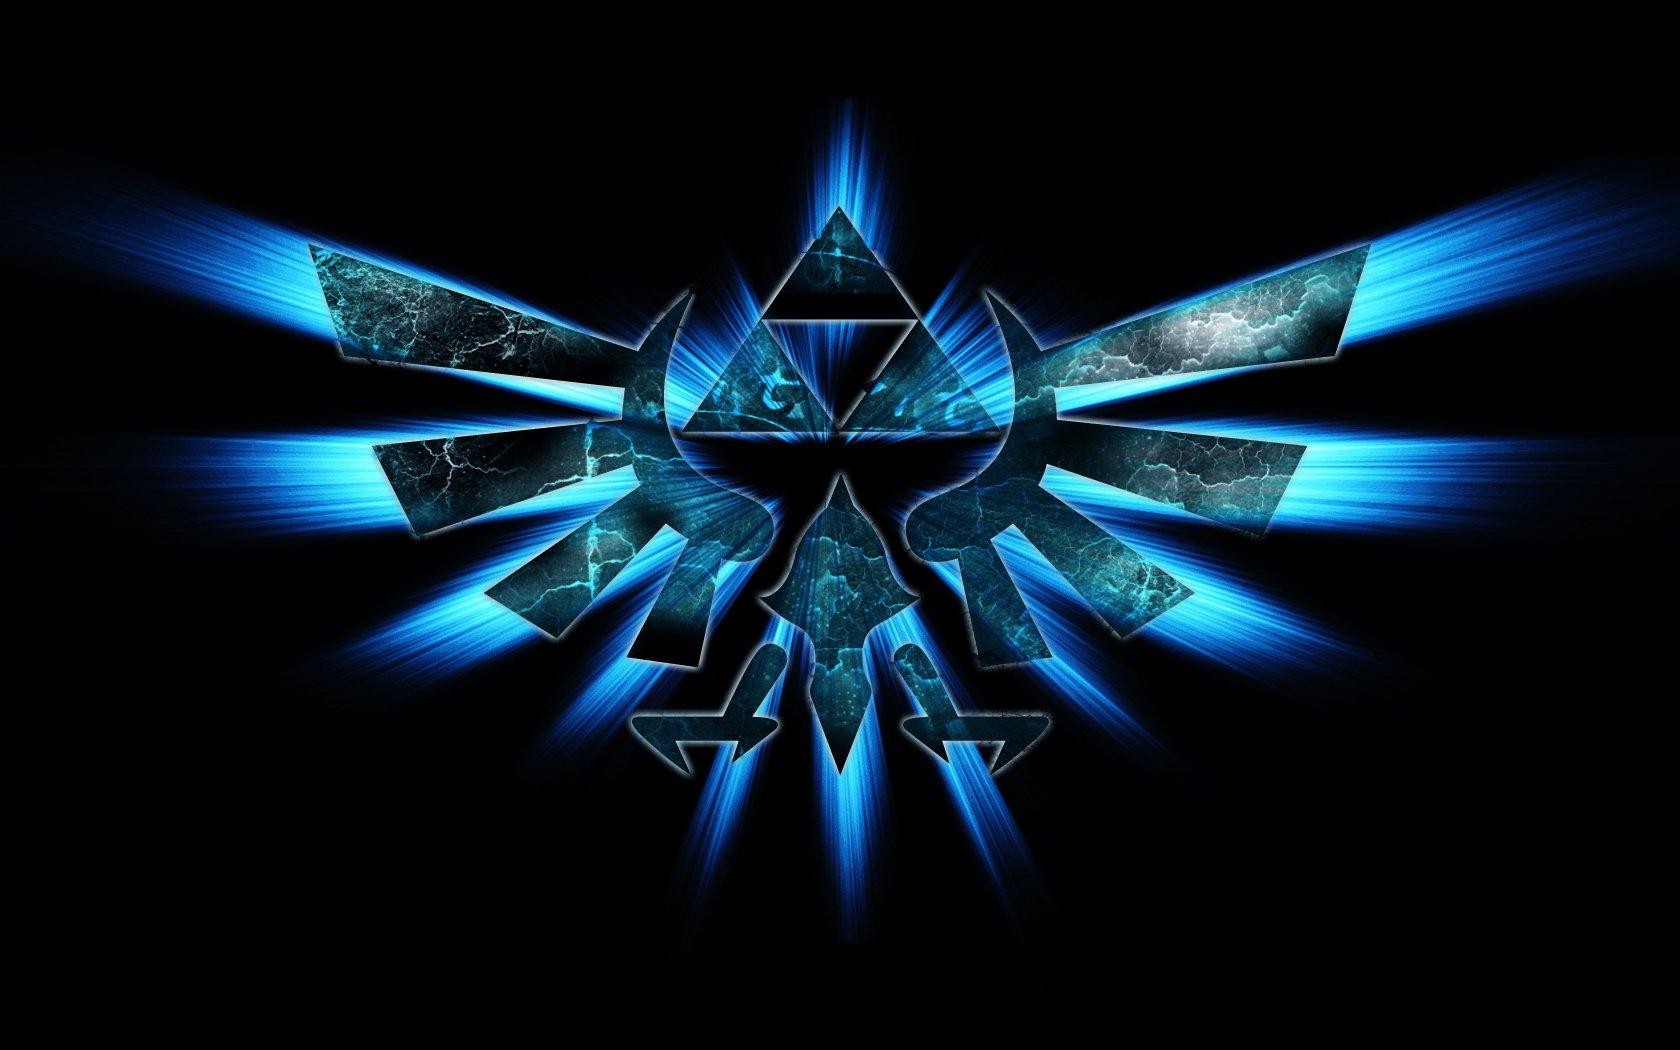 Triforce Wallpaper the legend of zelda 2832807 1680 1050 POP 1680x1050